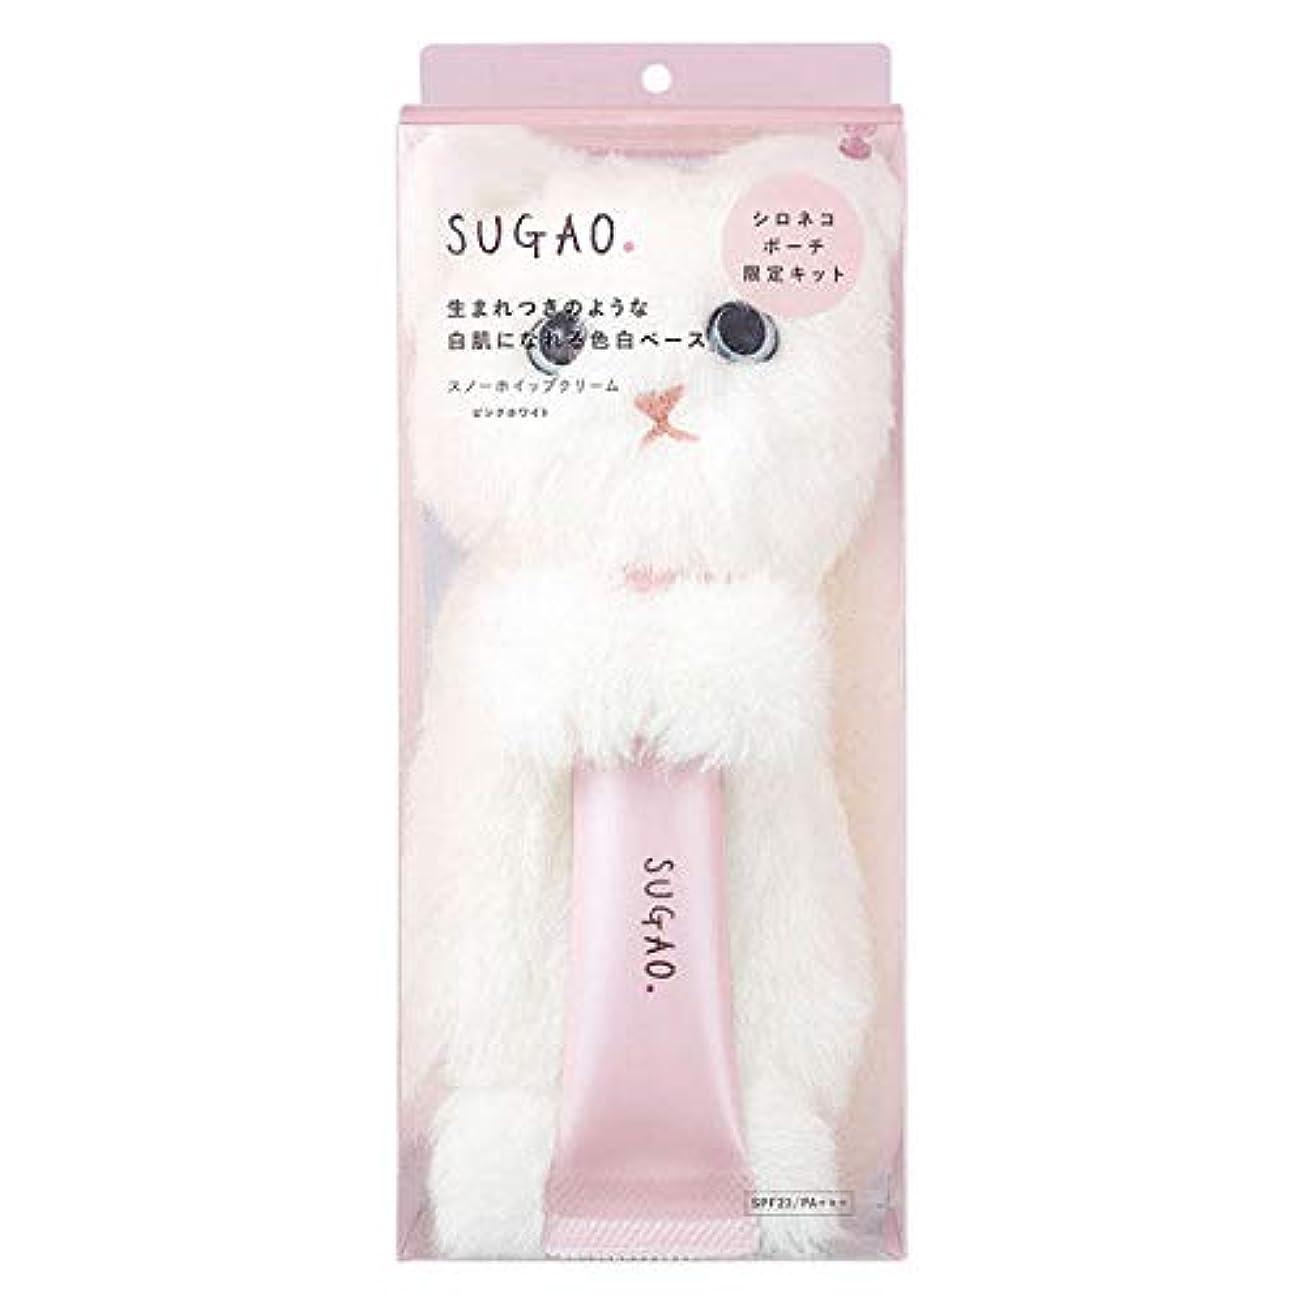 出口今後選択するSUGAO(スガオ) スノーホイップクリーム ピンクホワイト 25g +シロネコぬいぐるみ付き ロート製薬 [並行輸入品]